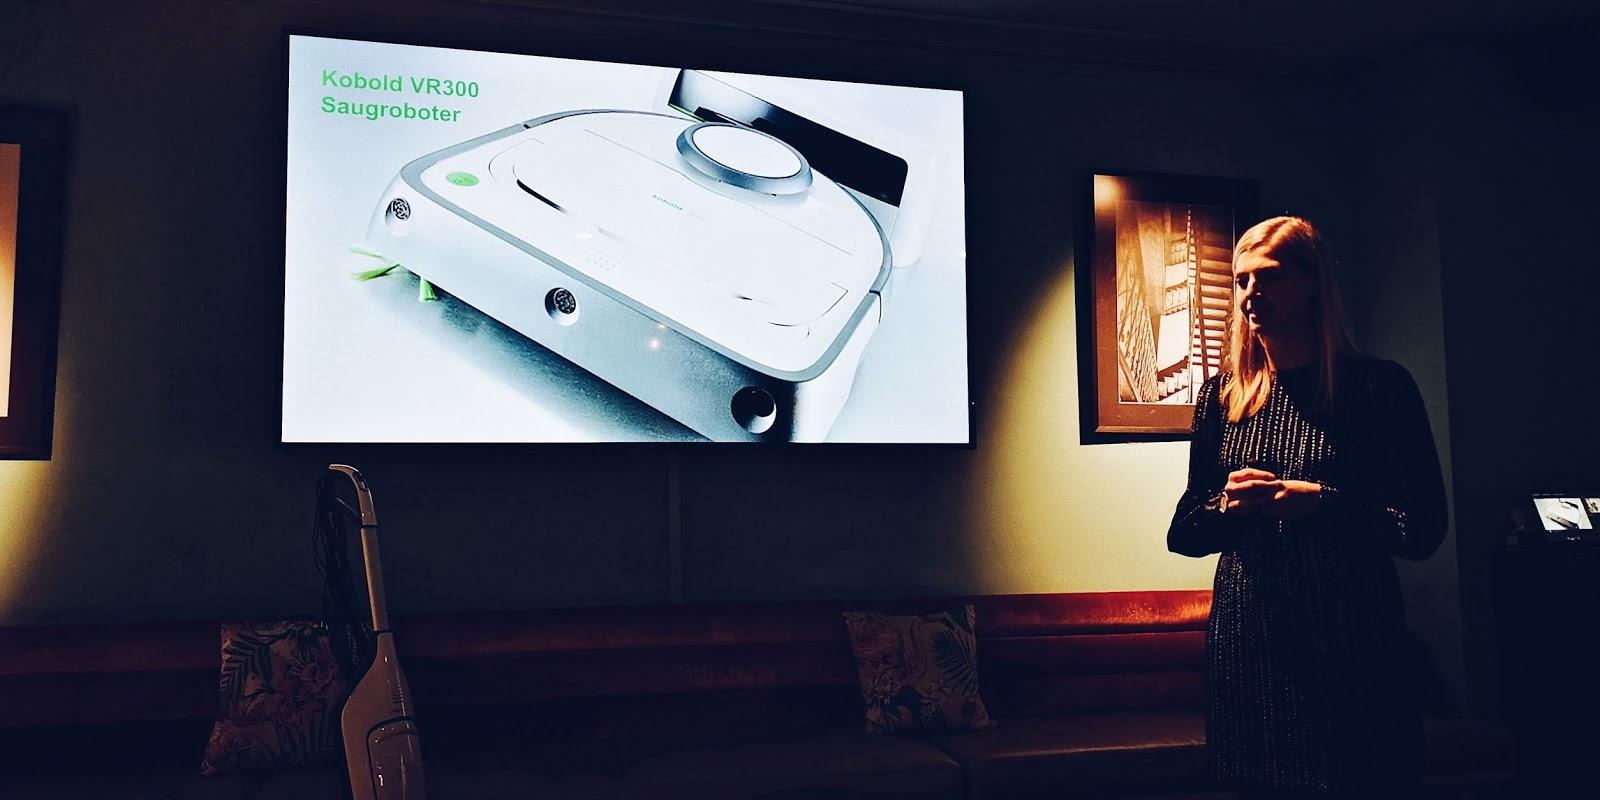 Der Vorwerk VR300 Saugroboter | Kobold reloaded. Der VR ist jetzt noch smarter